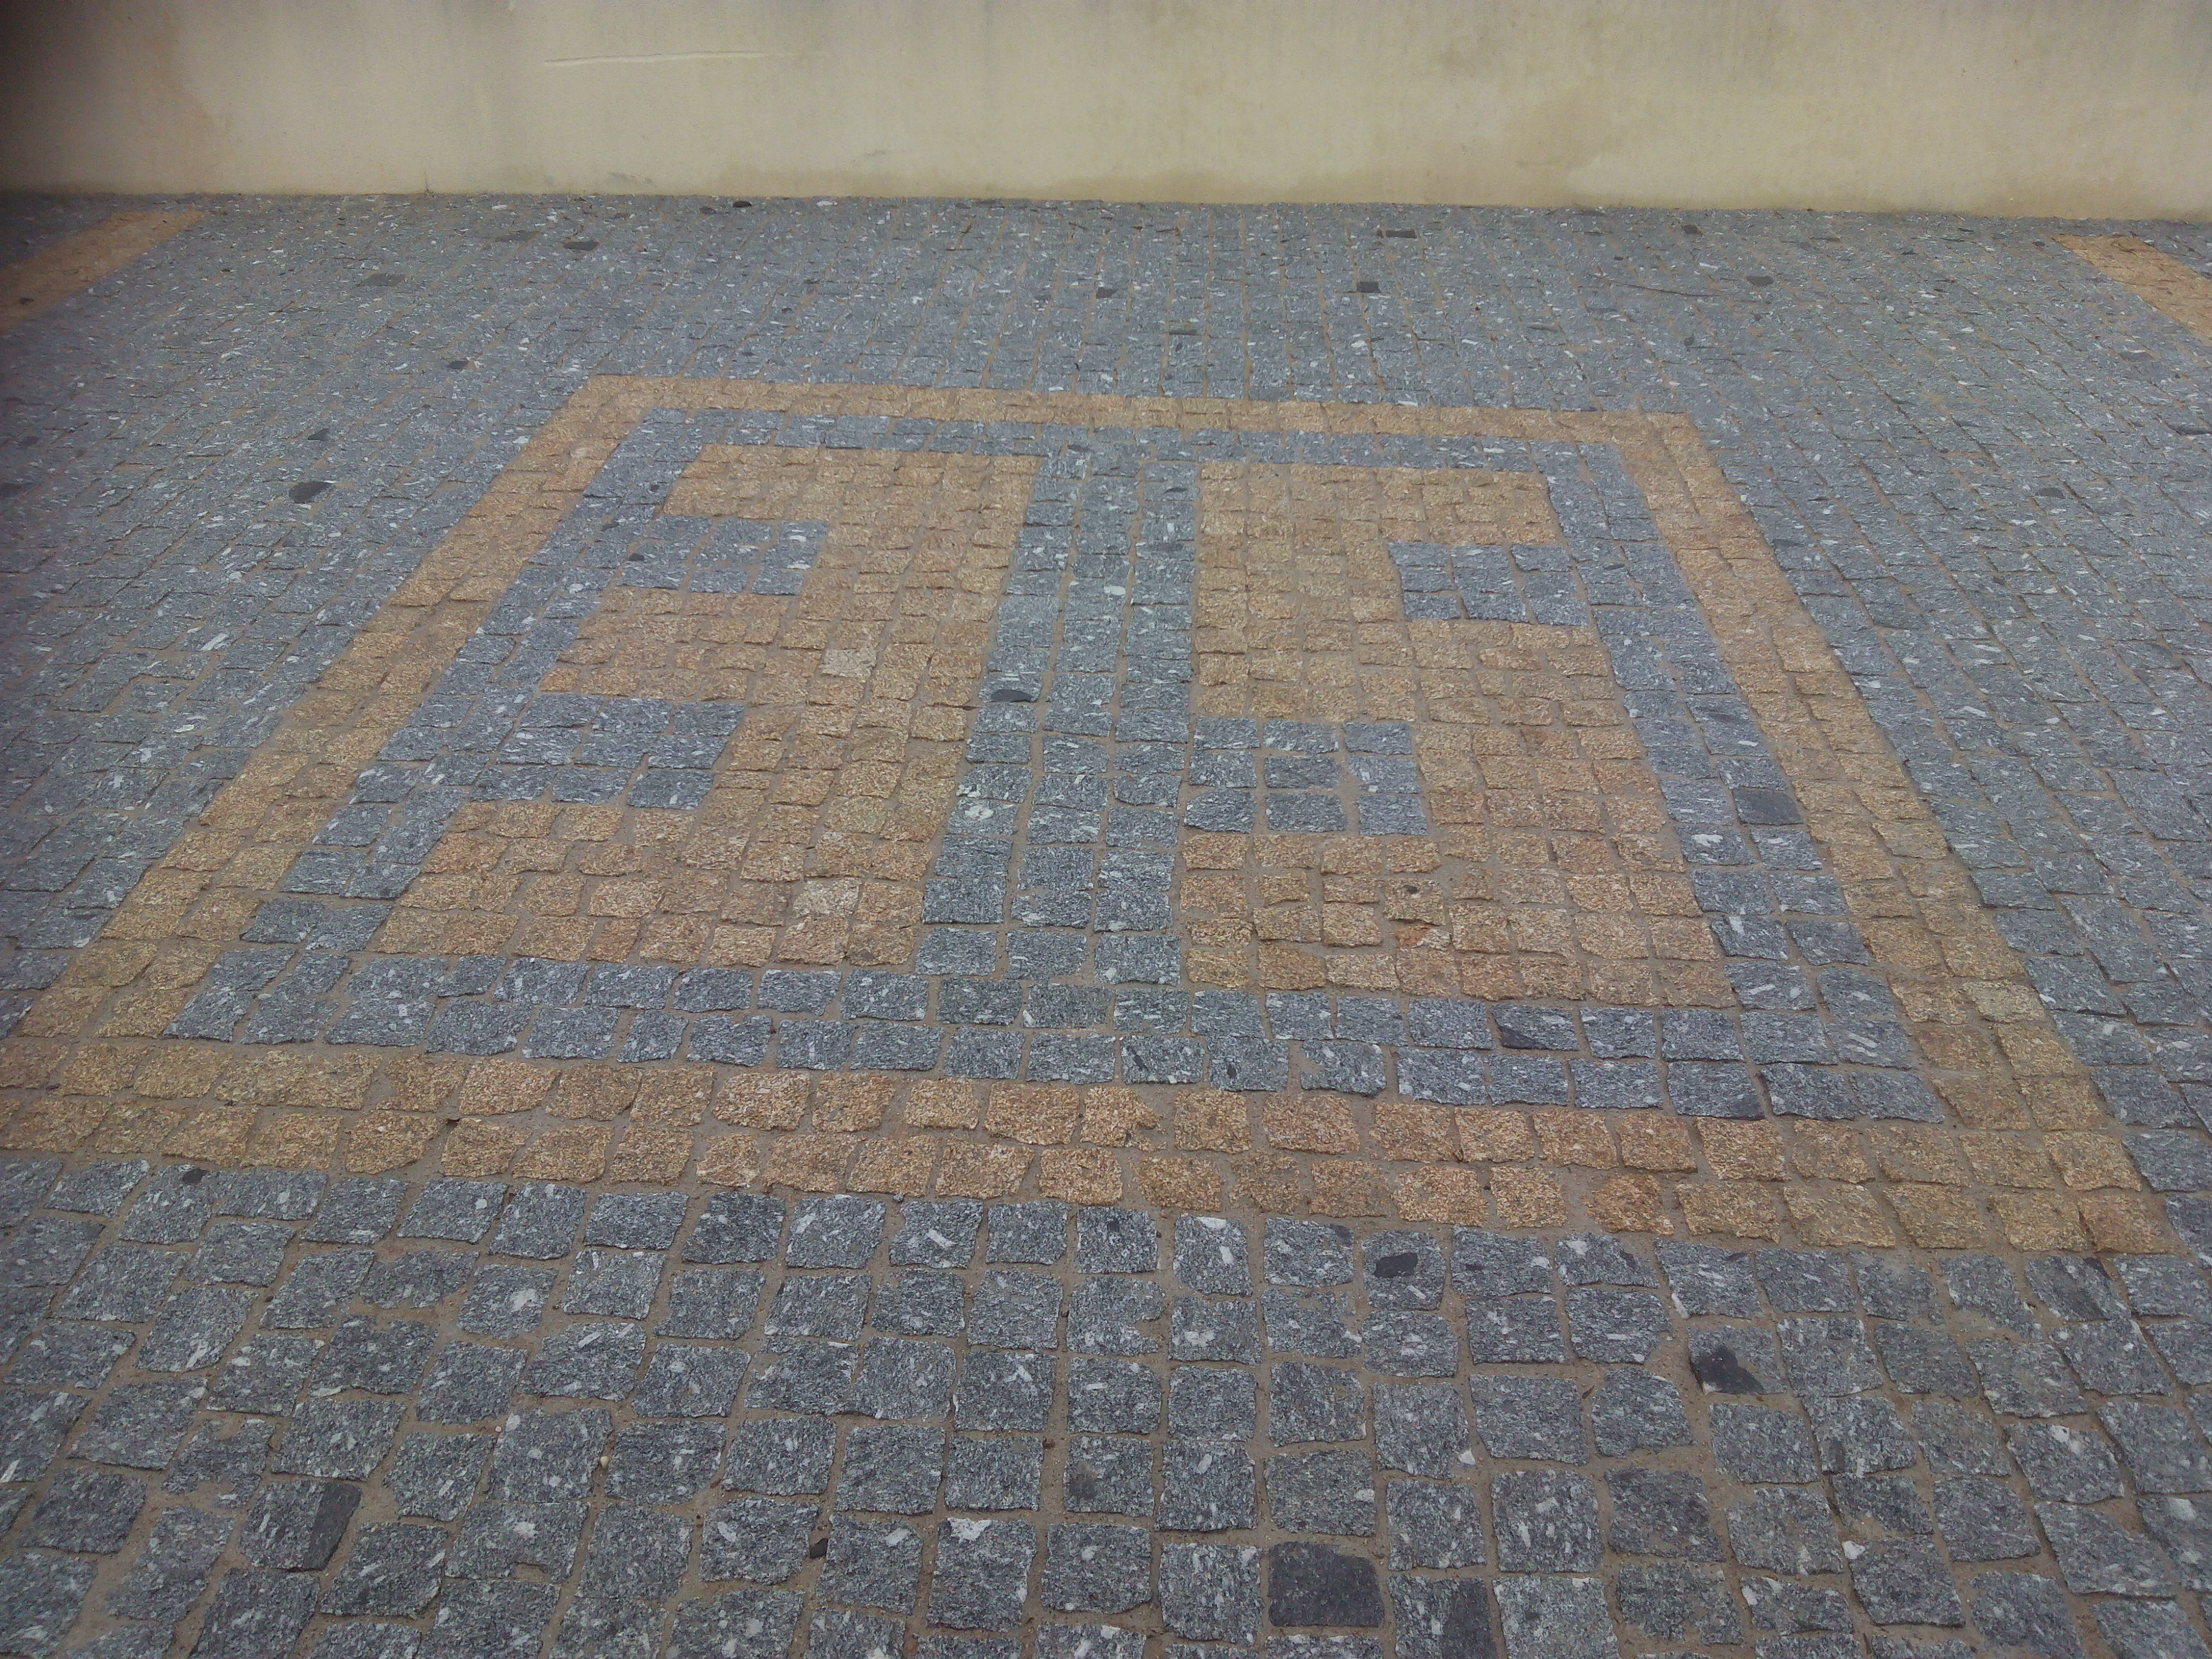 Deux lettre en pavé granit jaune